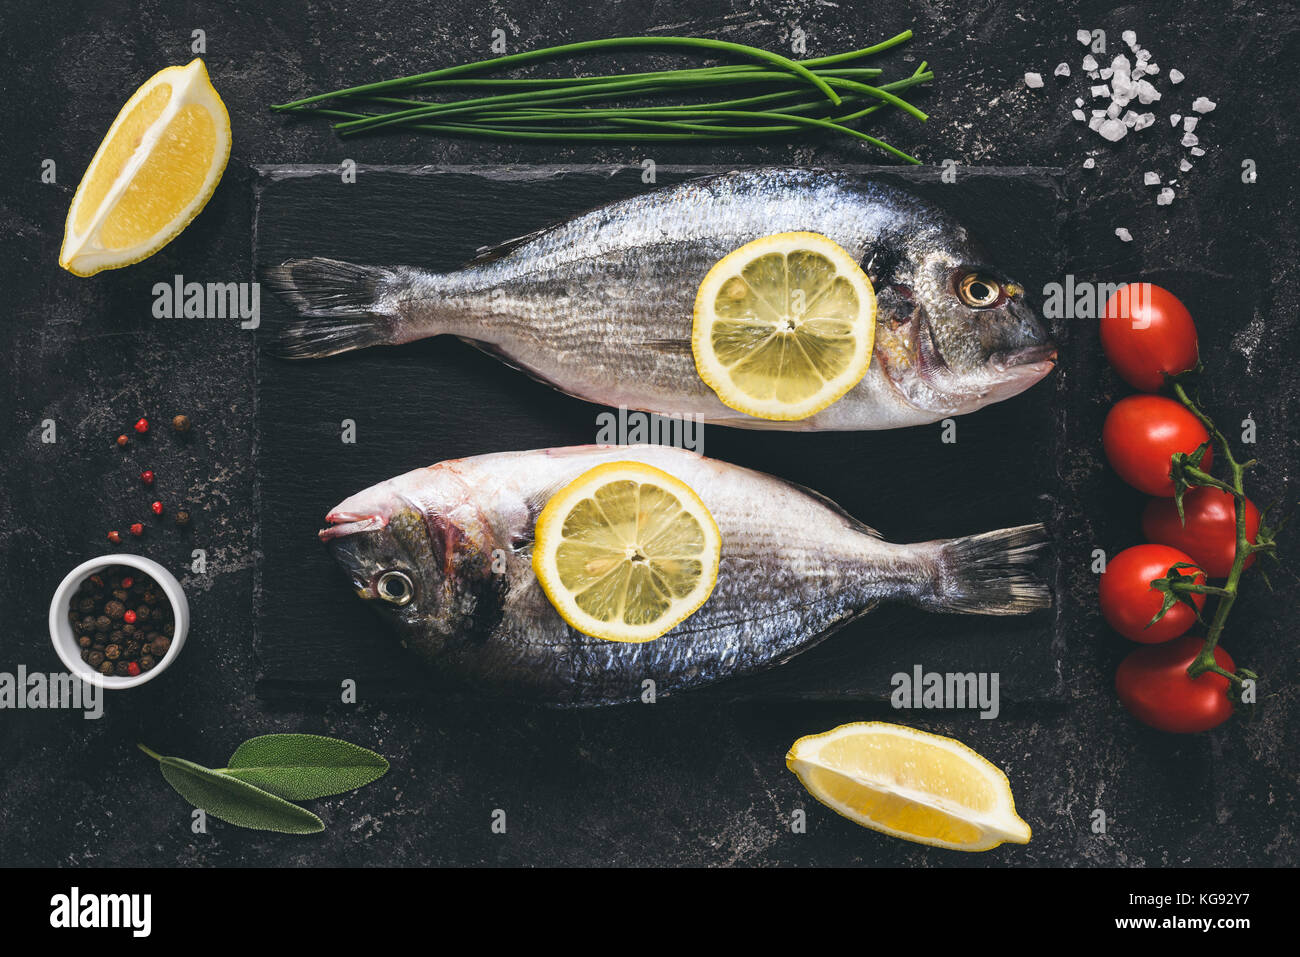 Frische Seeluft Strahl oder dorado Fisch-, Zitronen-, Kräuter, Gewürze und Gemüse auf schwarzen Stein Stockbild